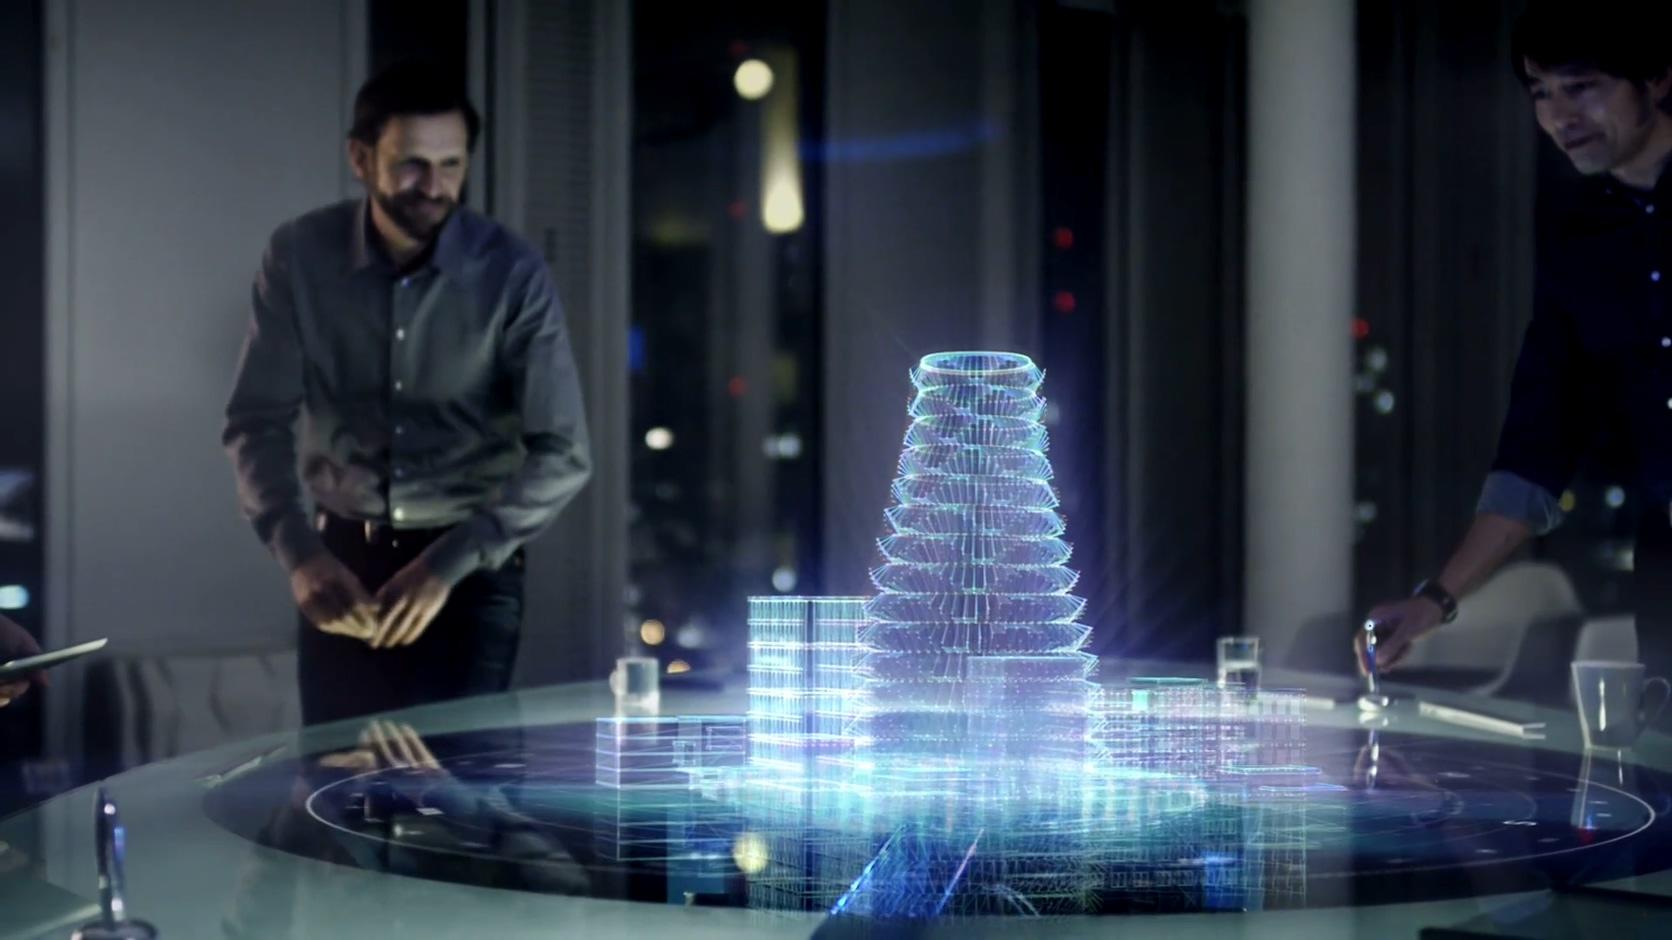 全息实拍合成科技城市夜景线条城市科幻